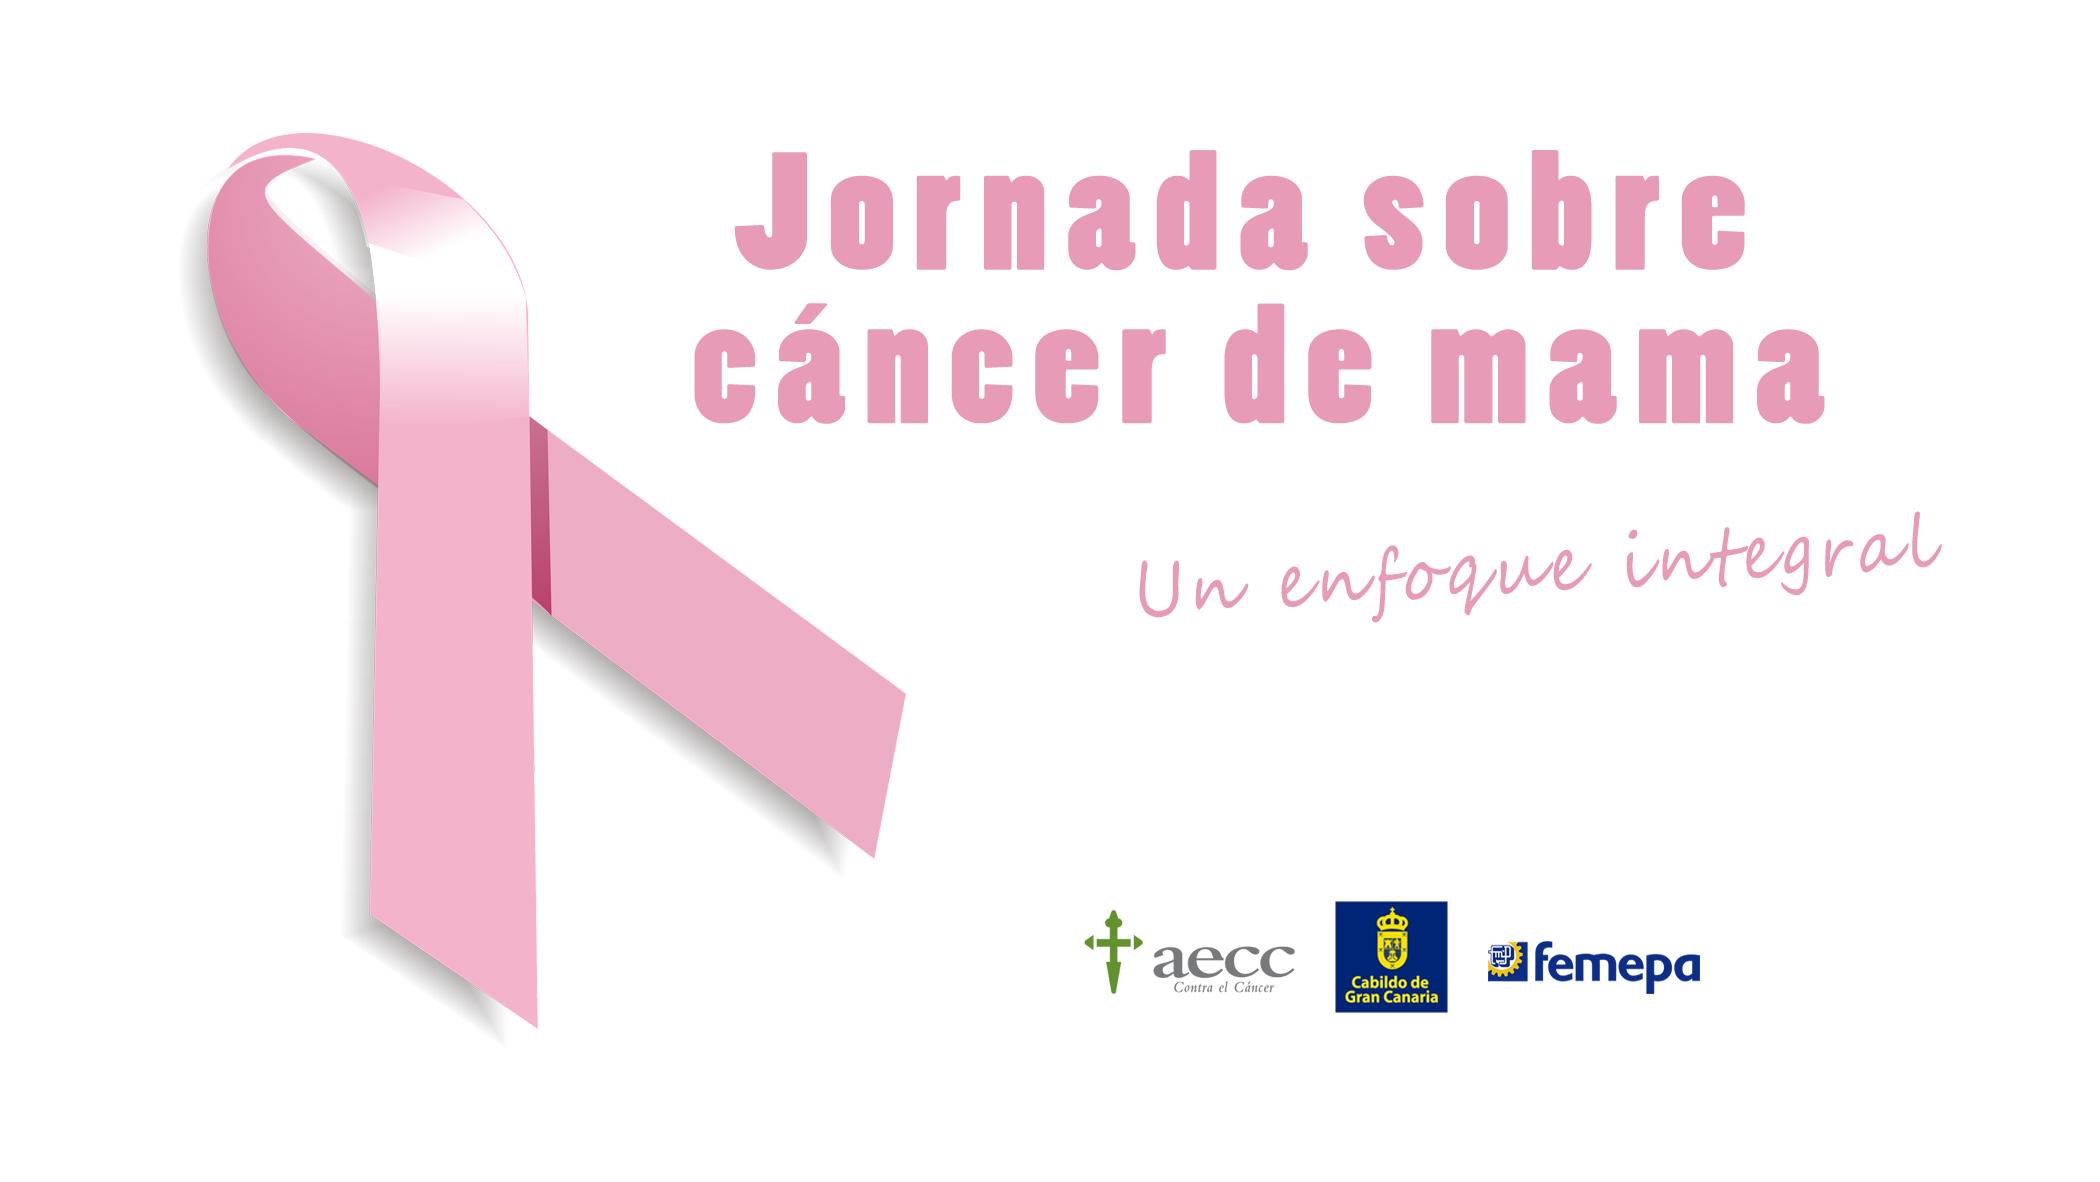 'Jornada sobre cáncer de mama' de la AECC, el 17 de octubre en Femepa